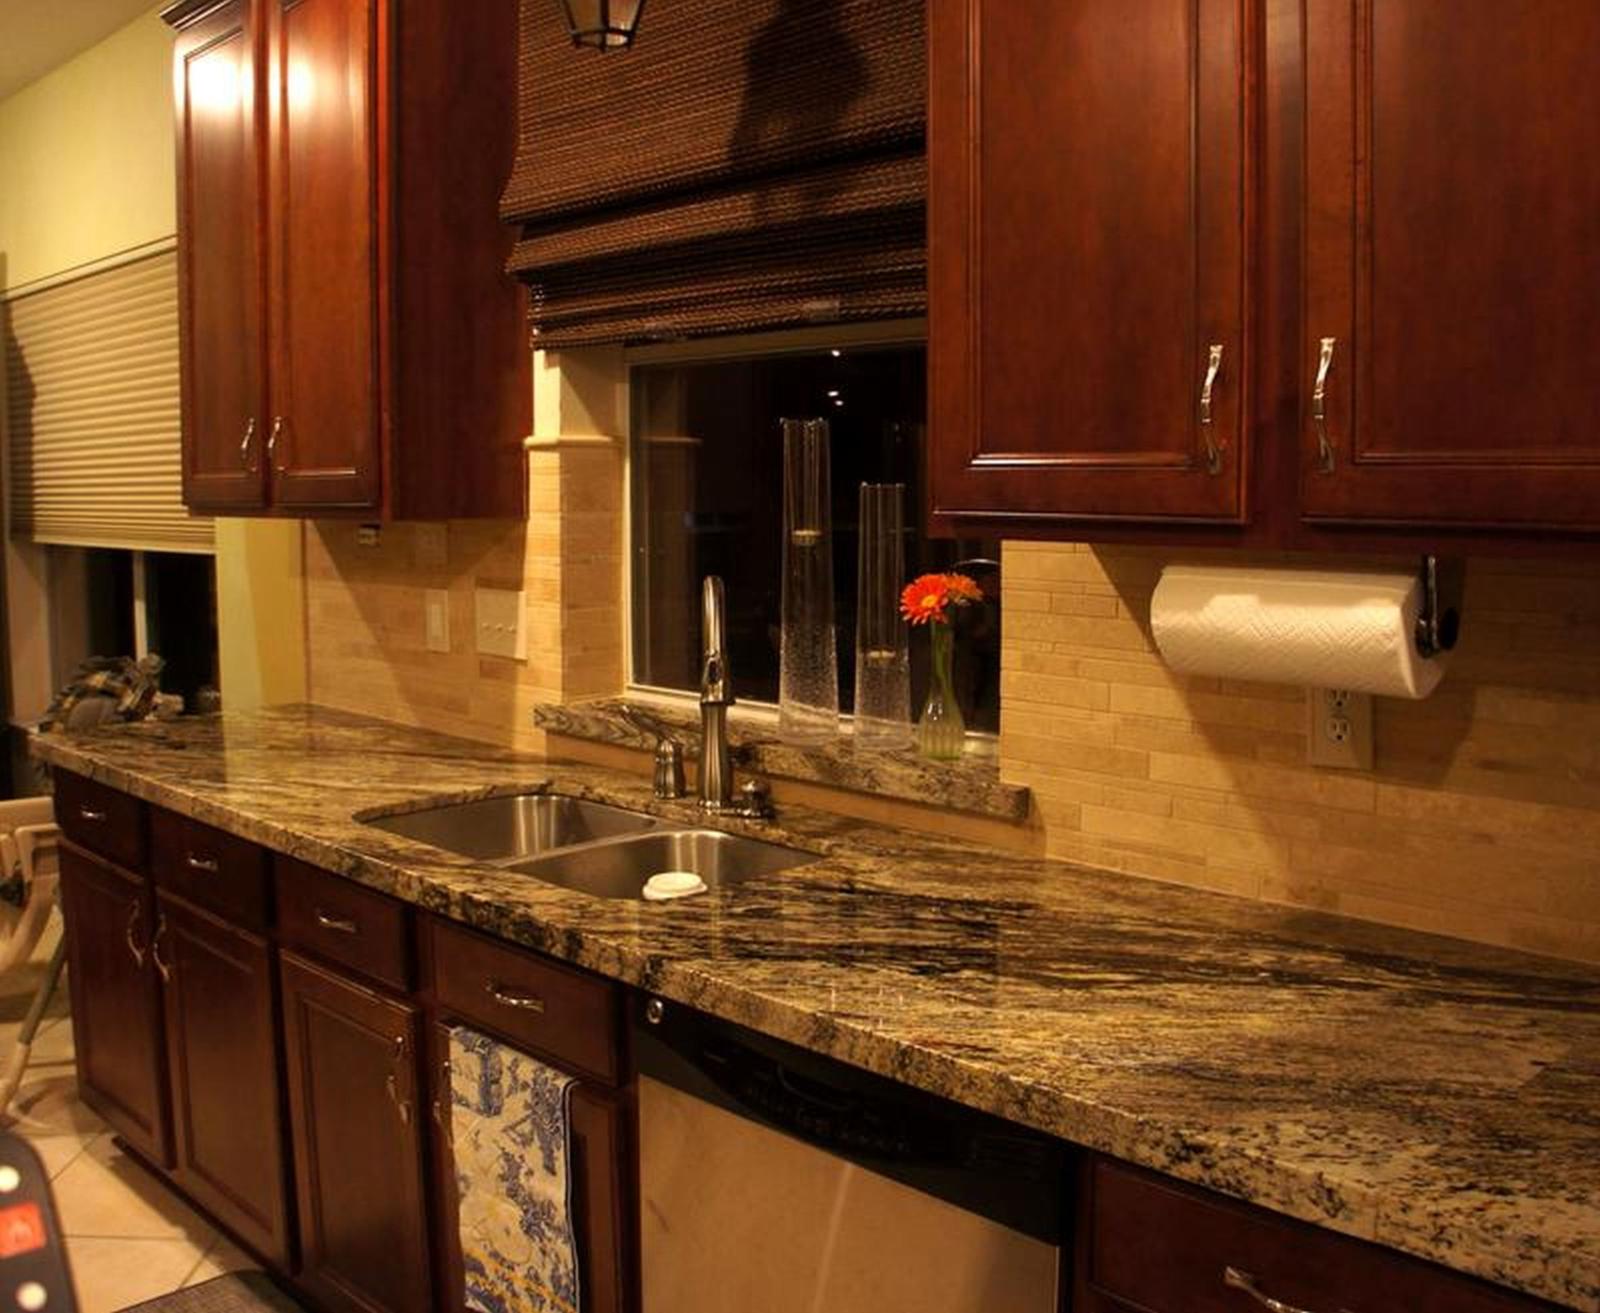 8-backsplash-ideer-til-små-køkkener-bruger-neutrale-farver-marmor-sten-i-piedestal-køkken-bord-med-en-vask-lavet-af-rustfrit stål-mere-luksuriøse-and meget naturlige-spacehistoreis-com_